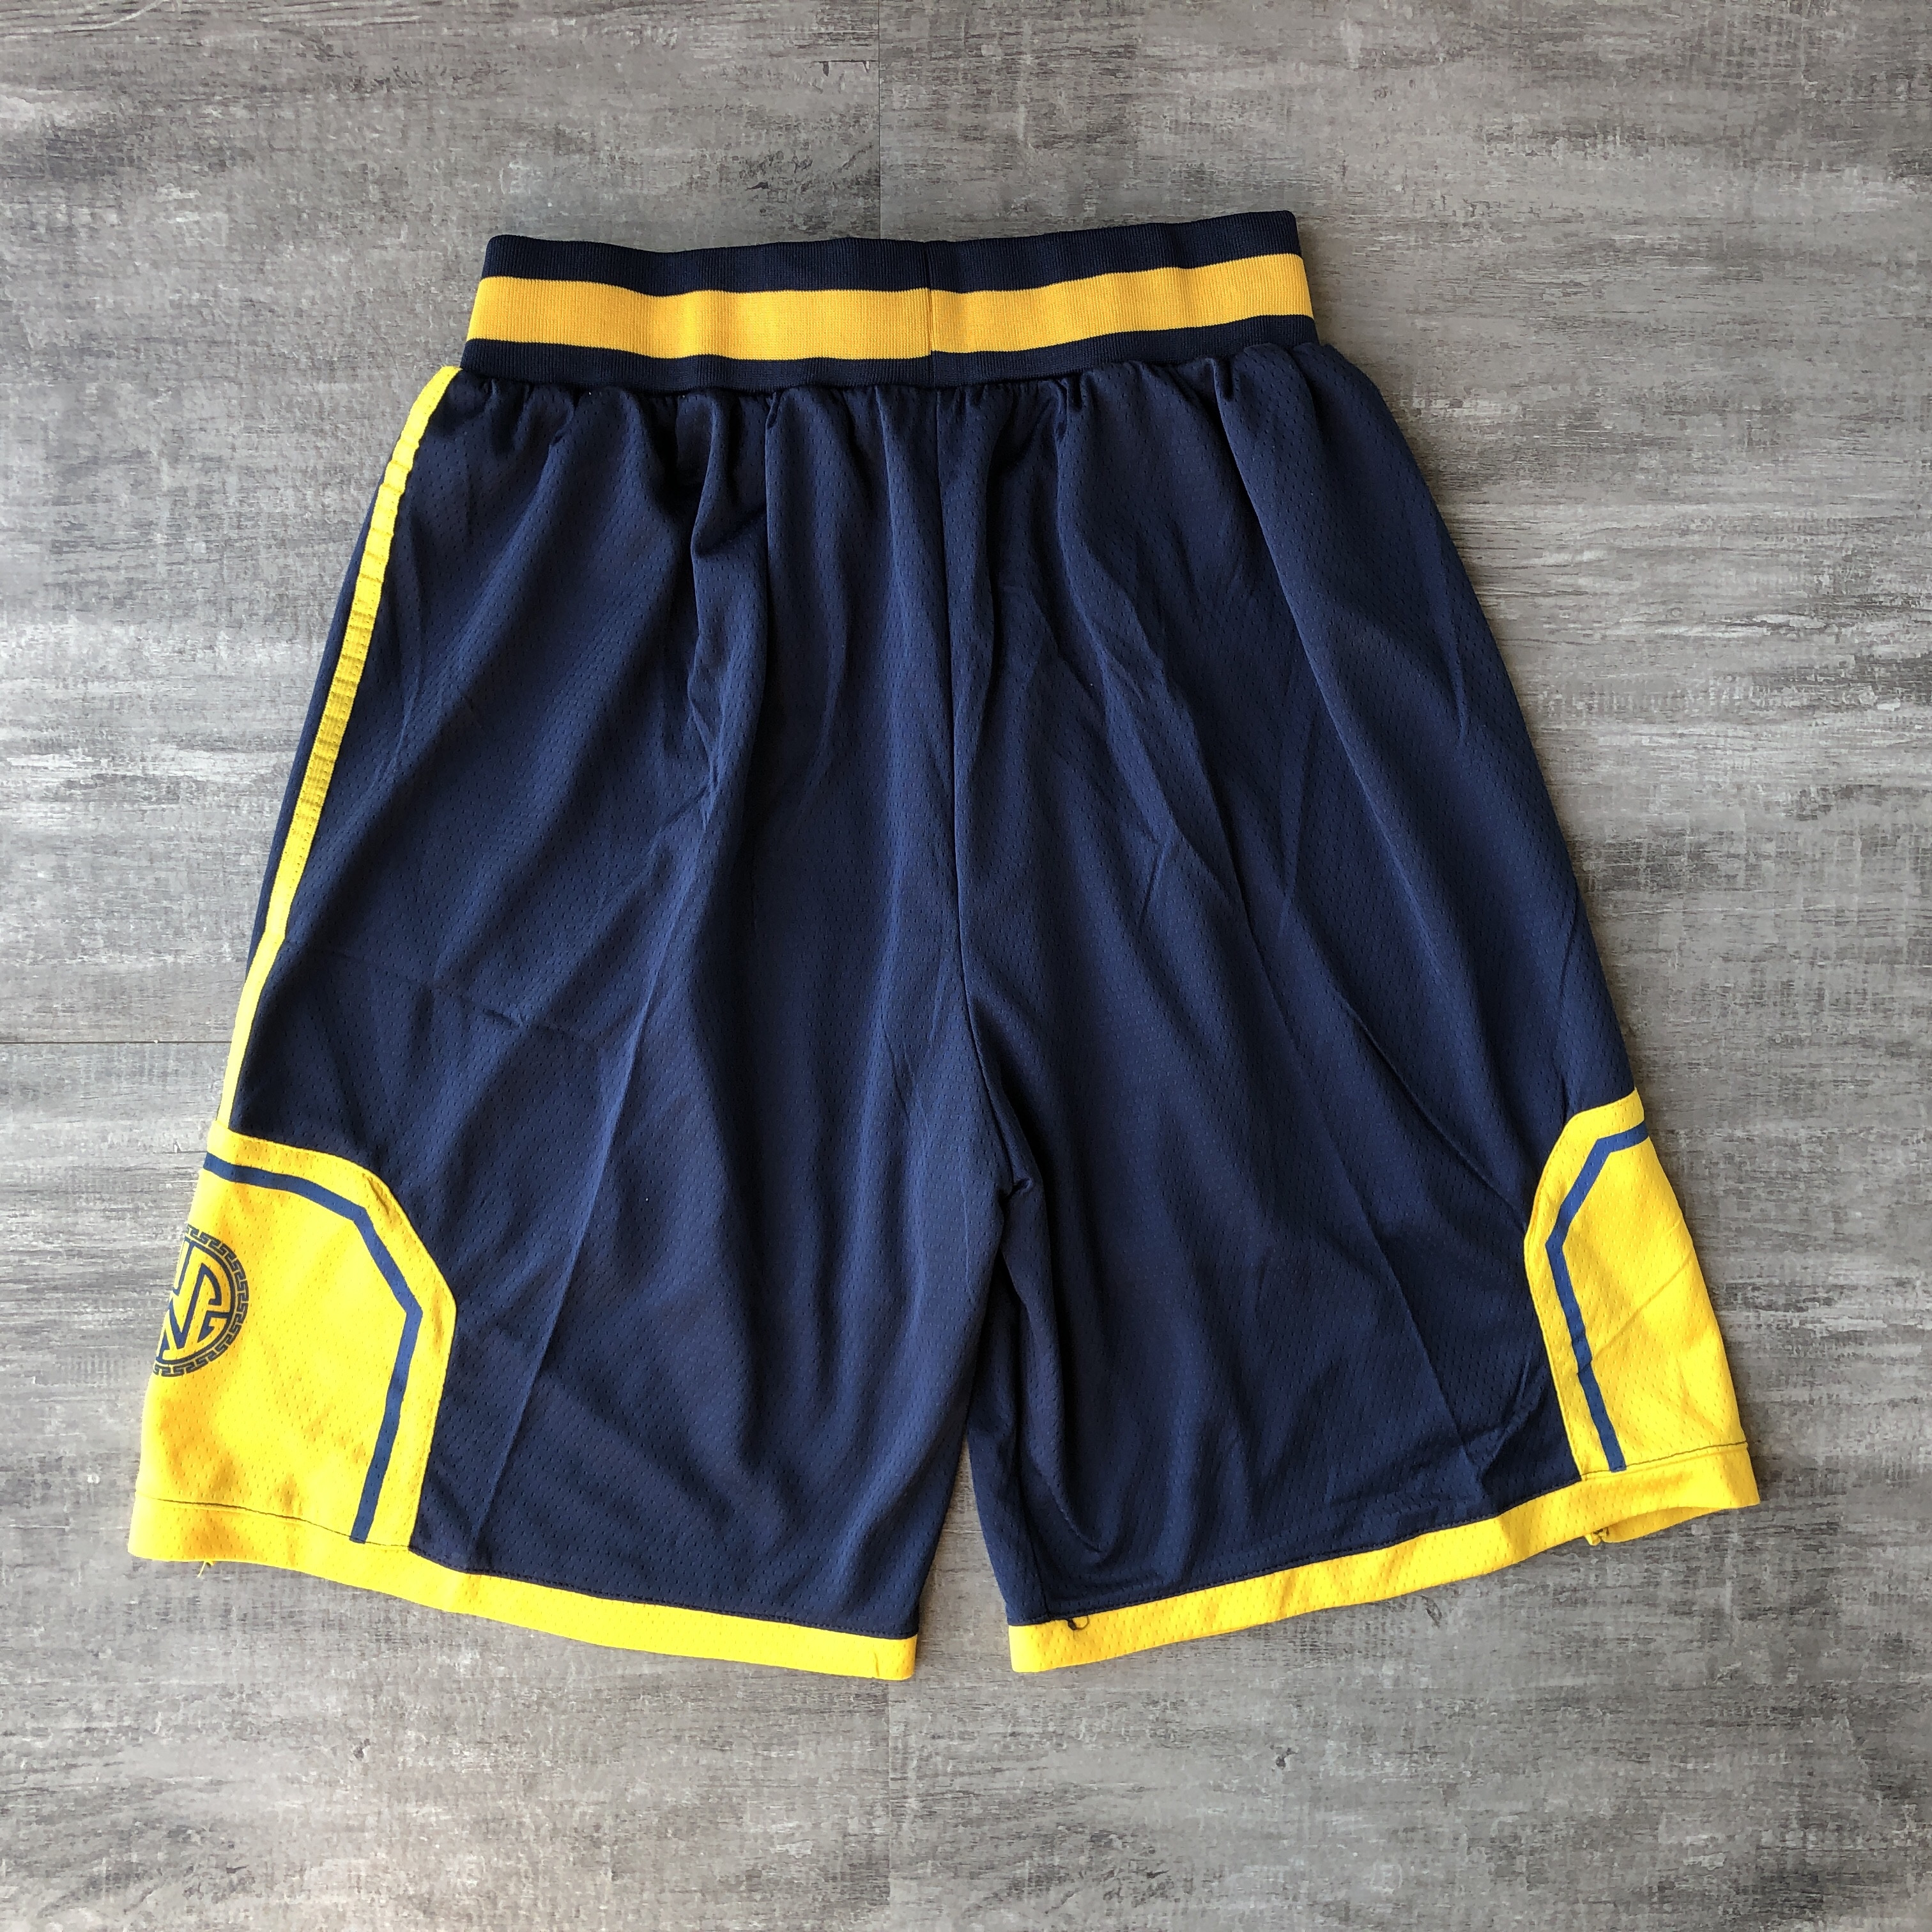 Warriors Navy 2019-20 City Edition Shorts